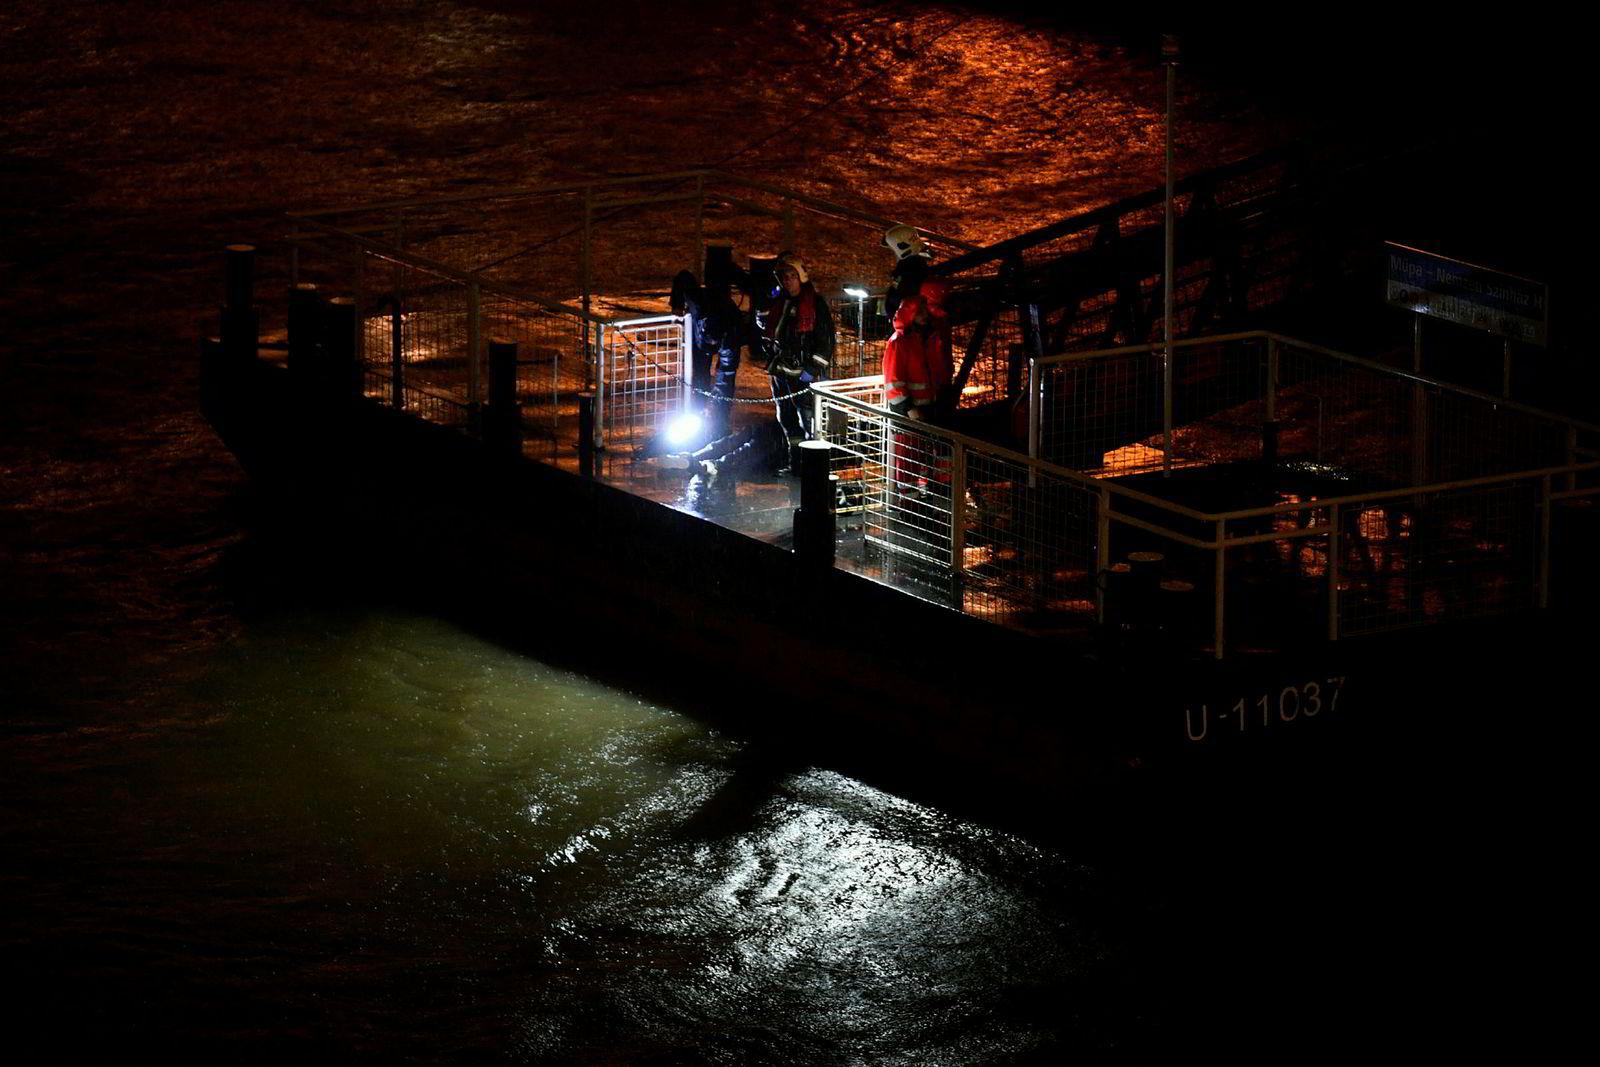 Redningspersonell og politi søker etter overlevende etter at en båt kantret og sank på elva Donau i Budapest sent onsdag kveld.